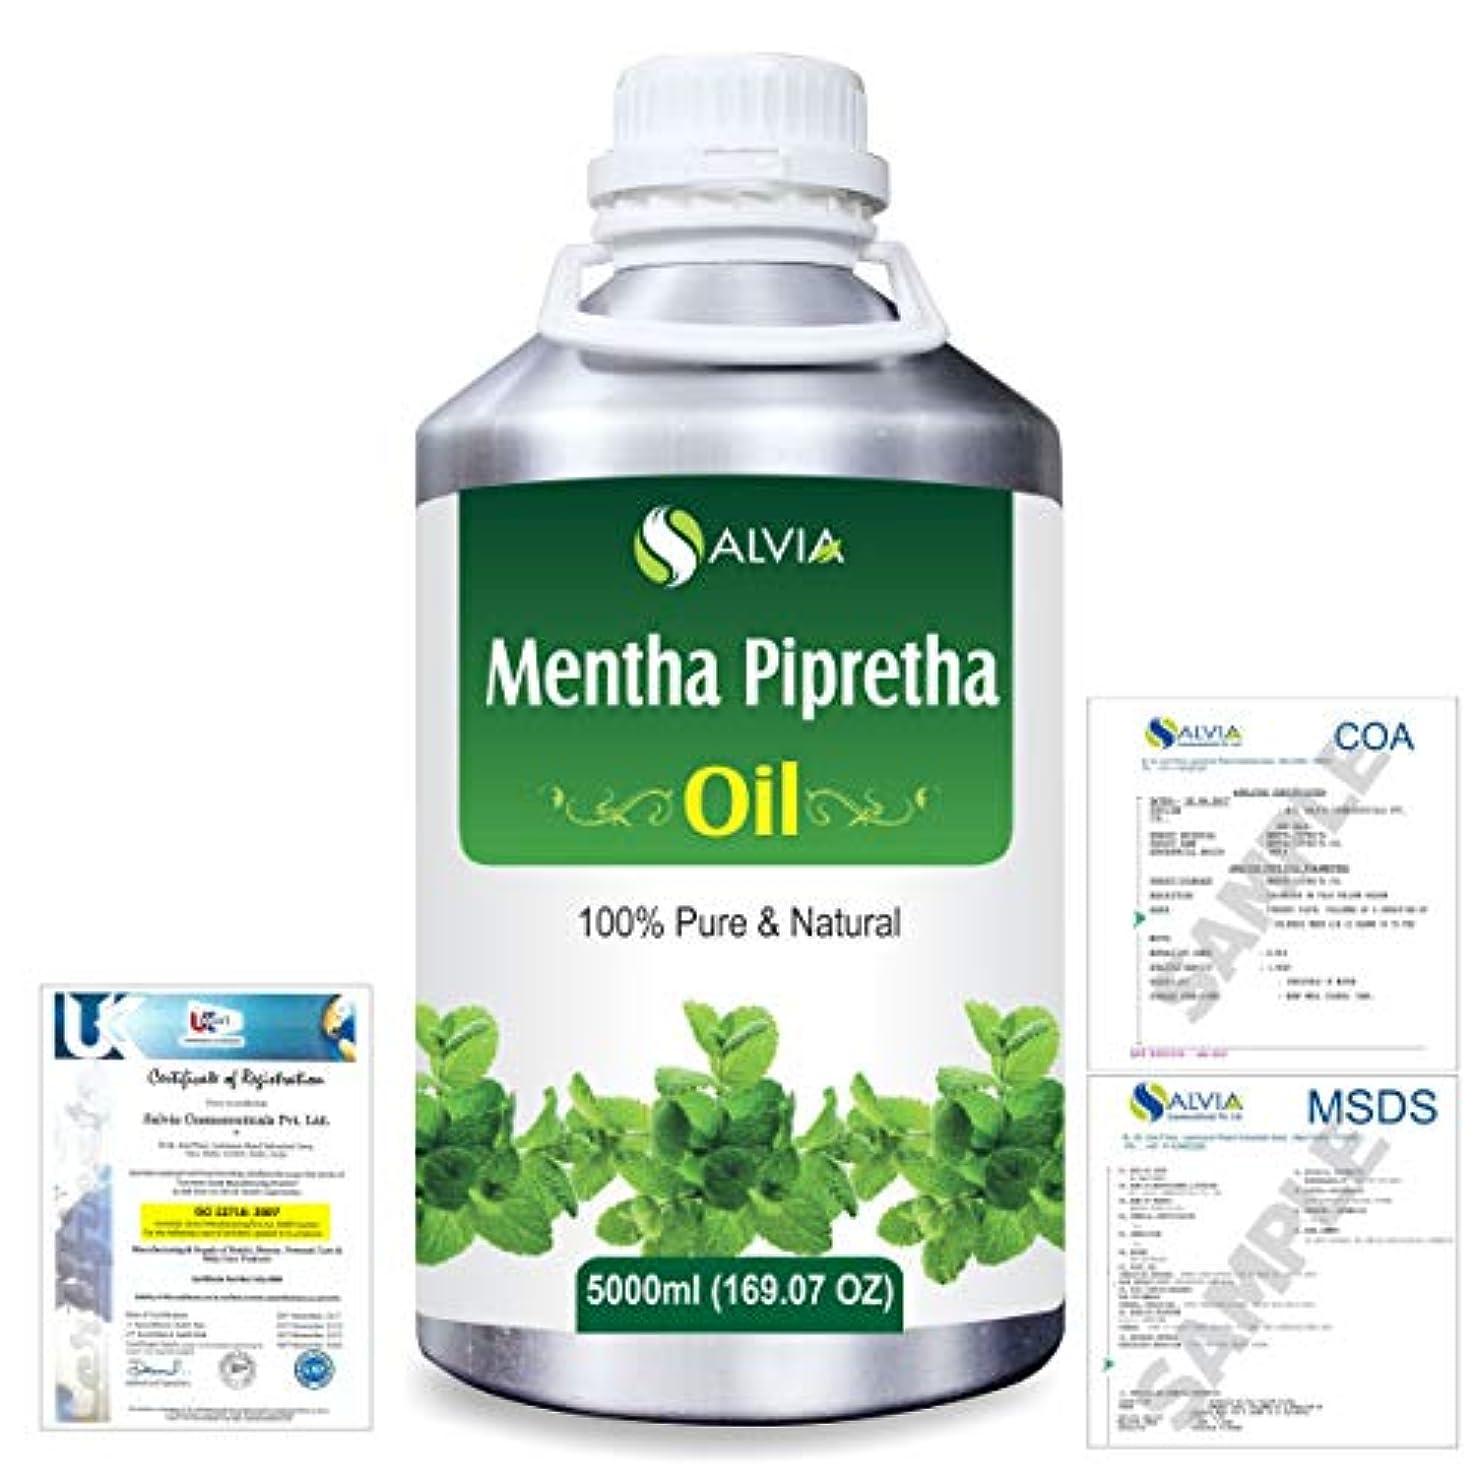 検索エンジンマーケティング予想外音楽Mentha Pipreta 100% Natural Pure Essential Oil 5000ml/169fl.oz.